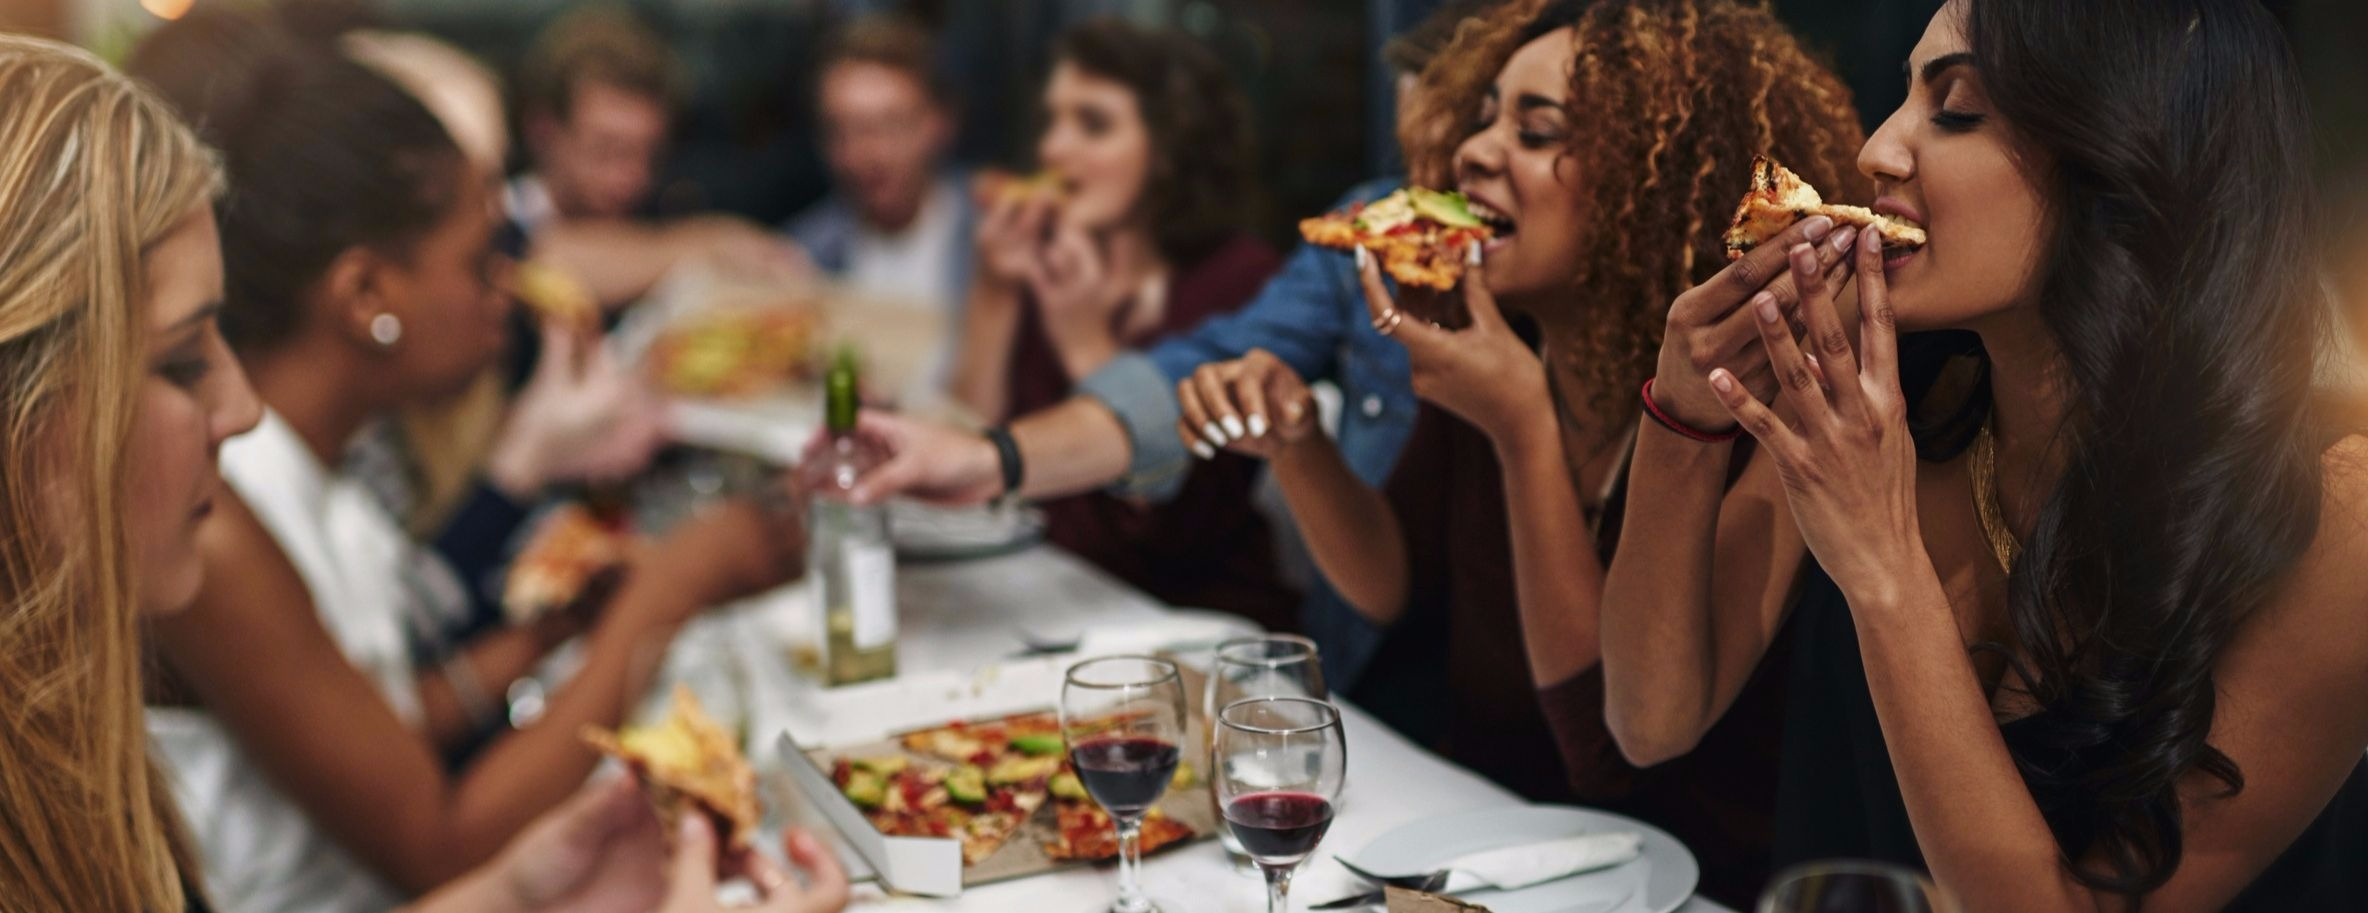 Veja as dicas e escolha onde comer durante sua viagem